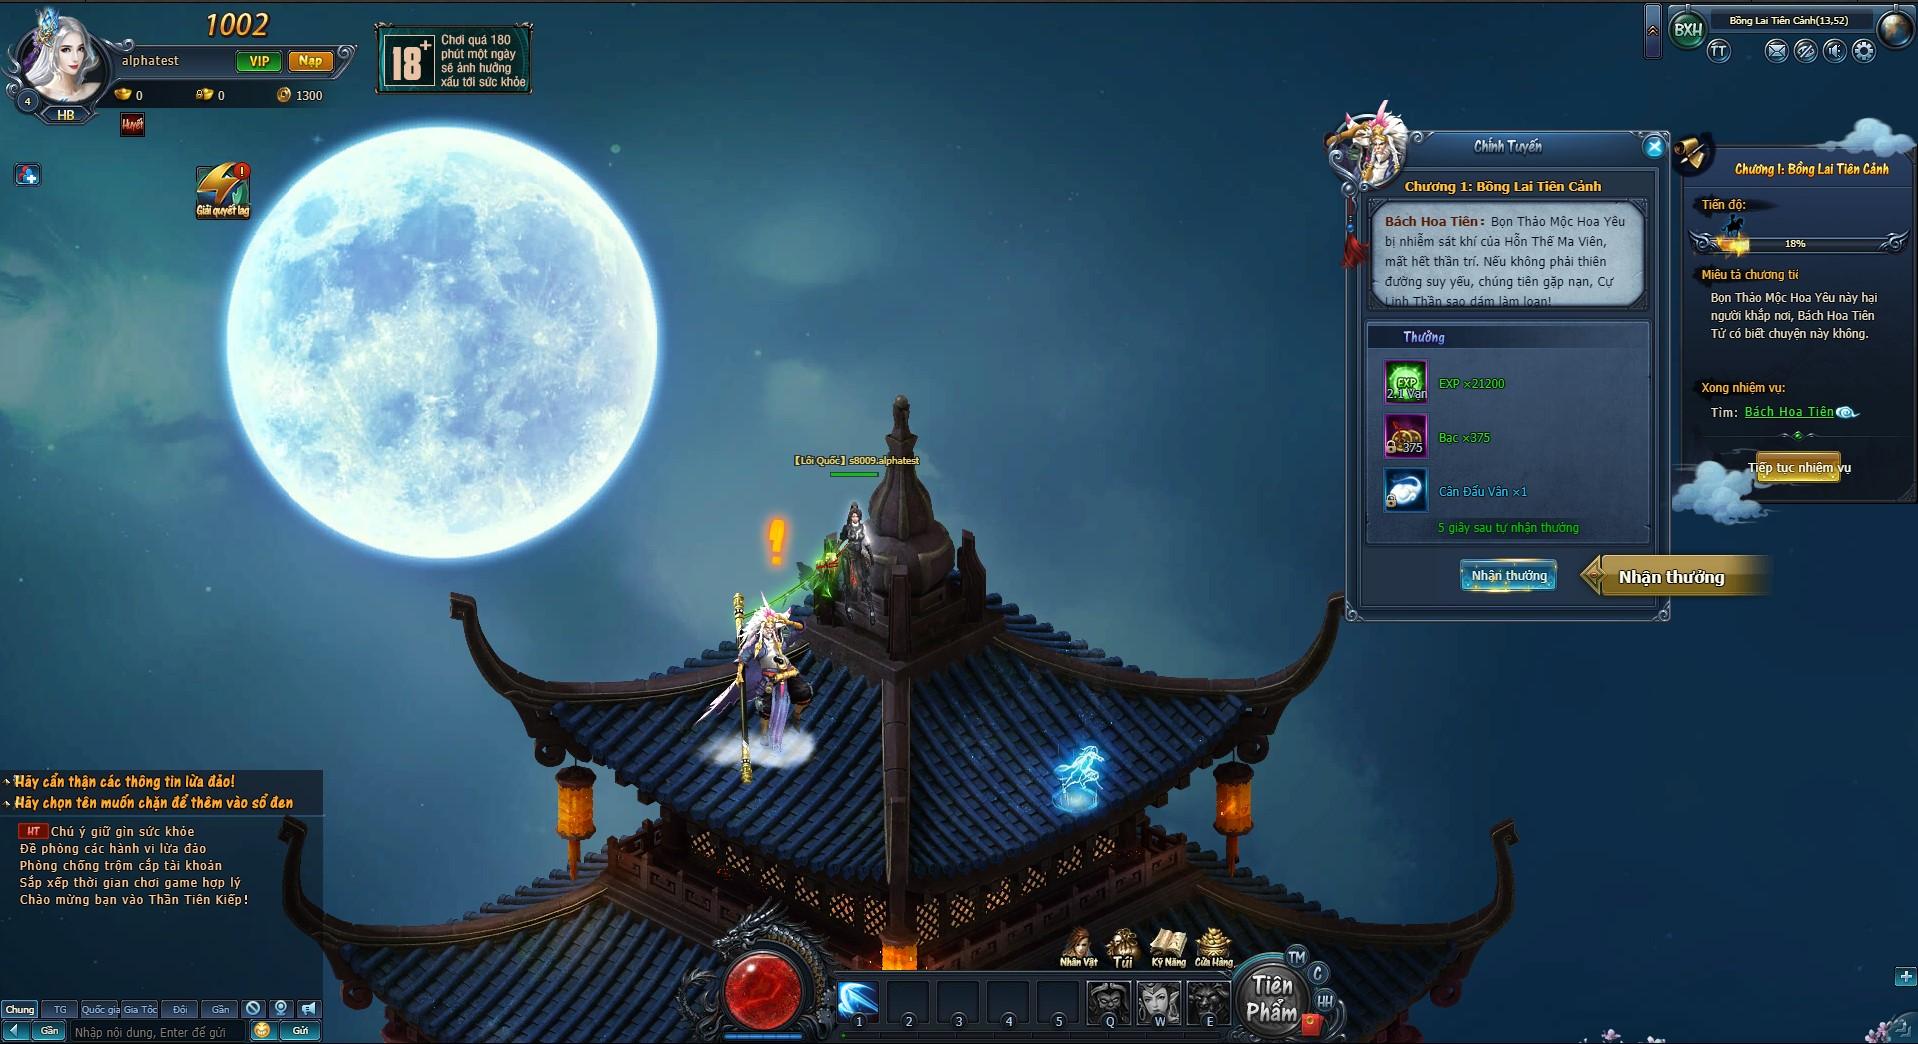 Thần Tiên Kiếp chính thức ra mắt bản Closed Beta không reset nhân vật